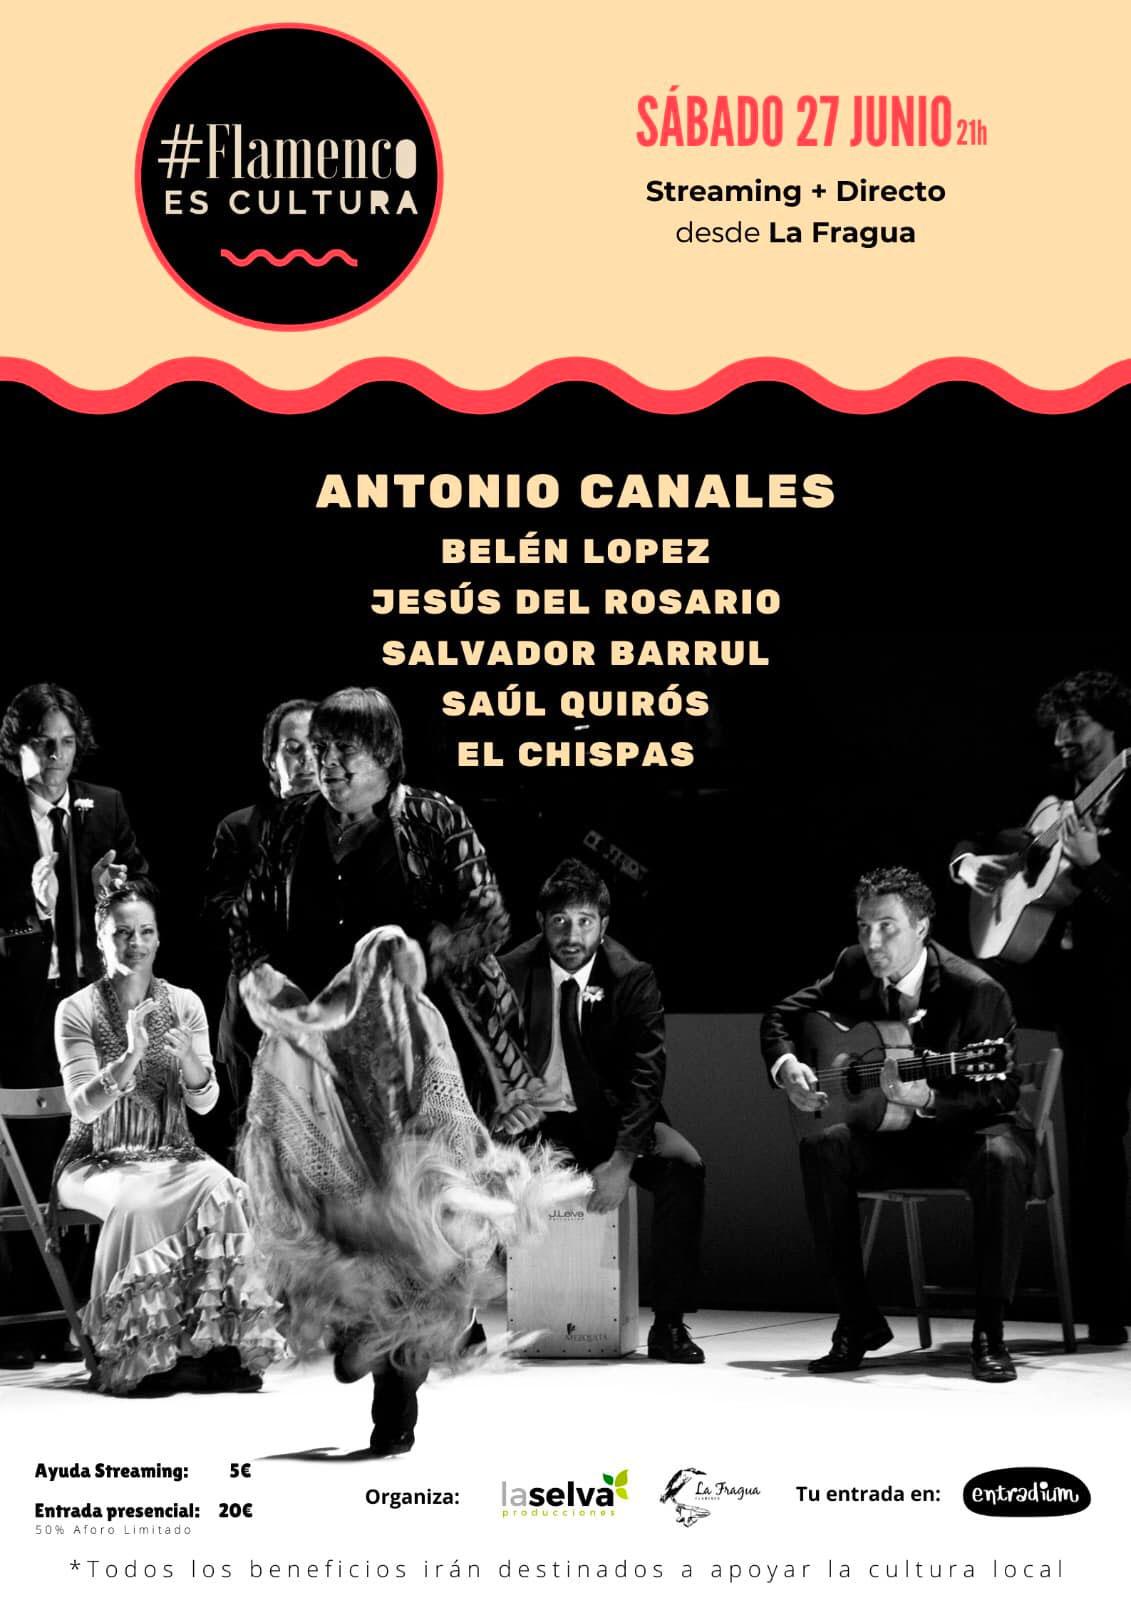 La Fragua - Antonio Canales